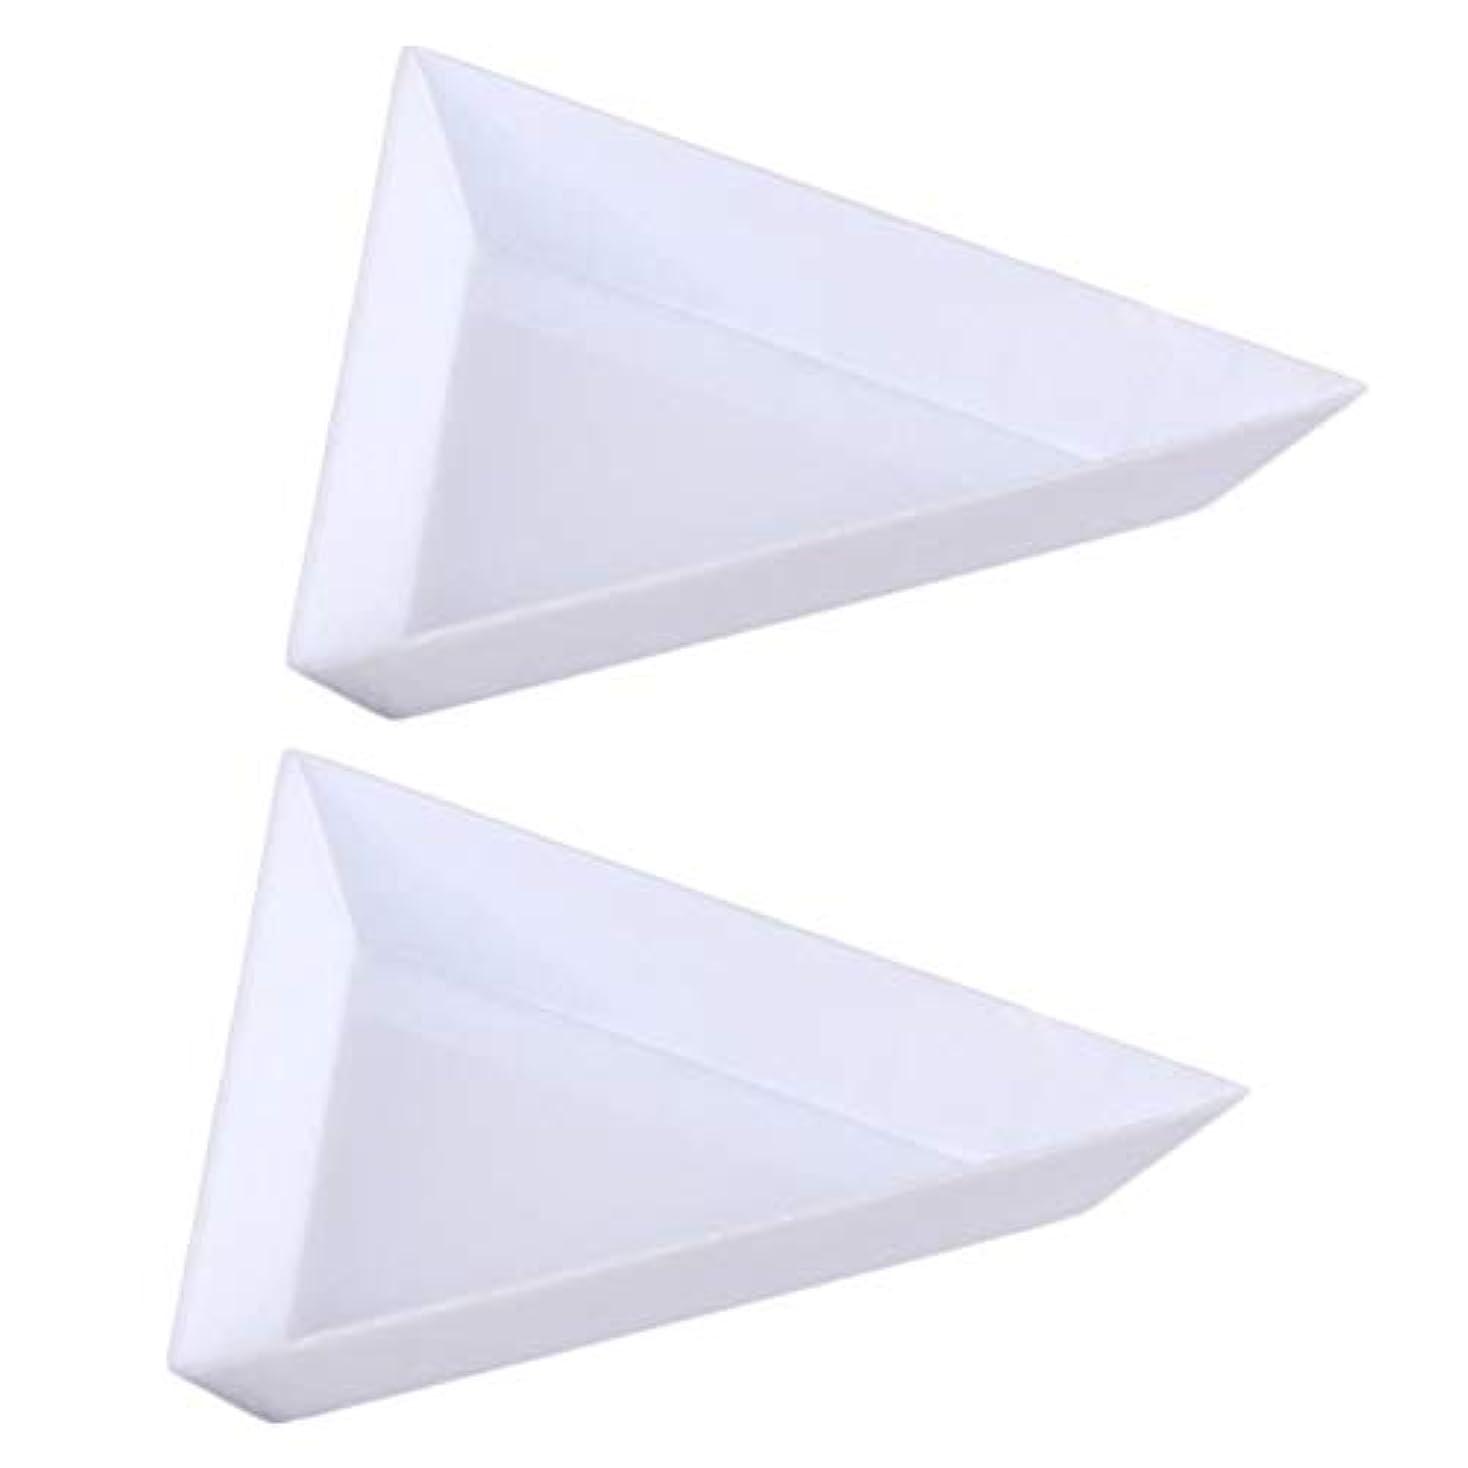 昼食スリンク建設Tamkyo 10個三角コーナープラスチックラインストーンビーズ 結晶 ネイルアートソーティングトレイアクセサリー白 DiyネイルアートデコレーションDotting収納トレイ オーガニゼーションに最適